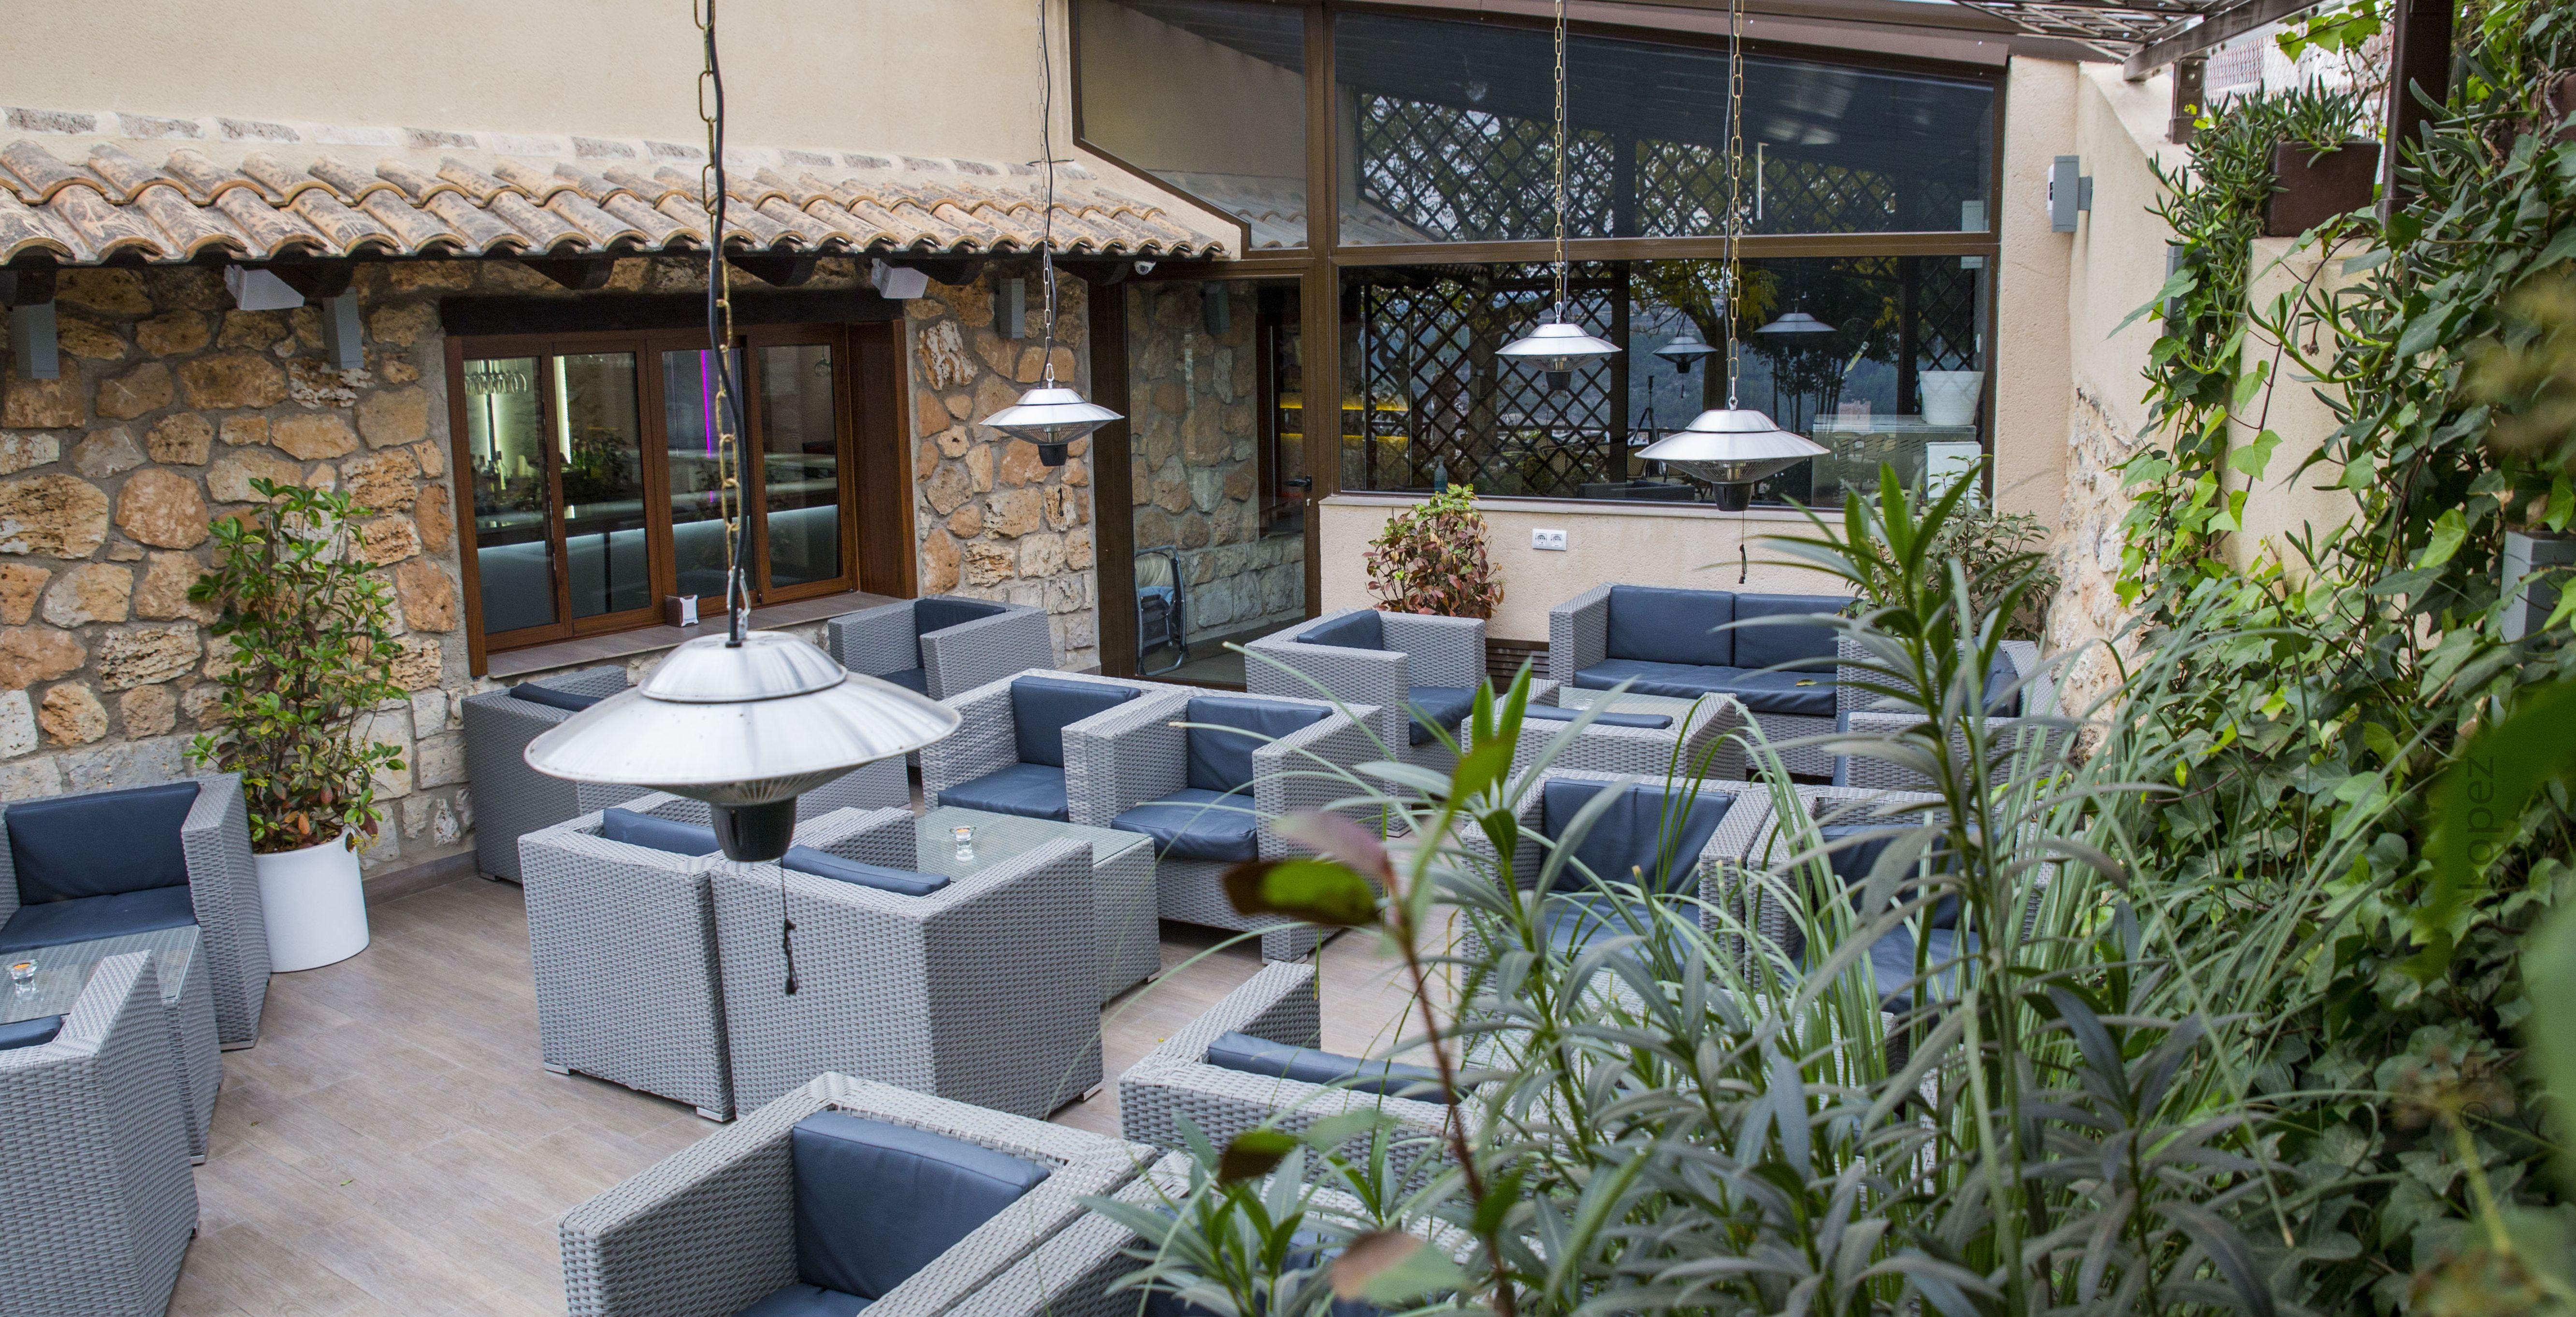 Amplia terraza con sillones